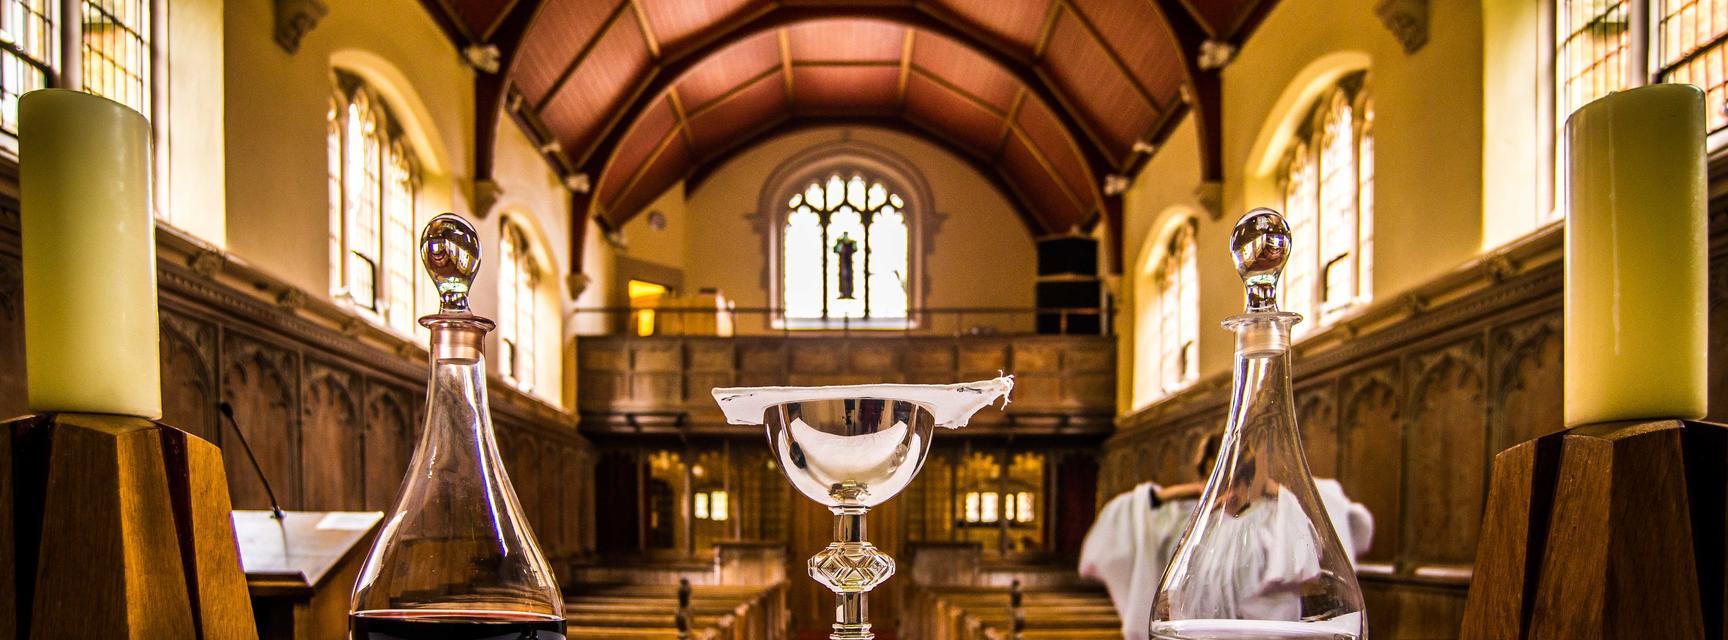 wycliffe chapel 74